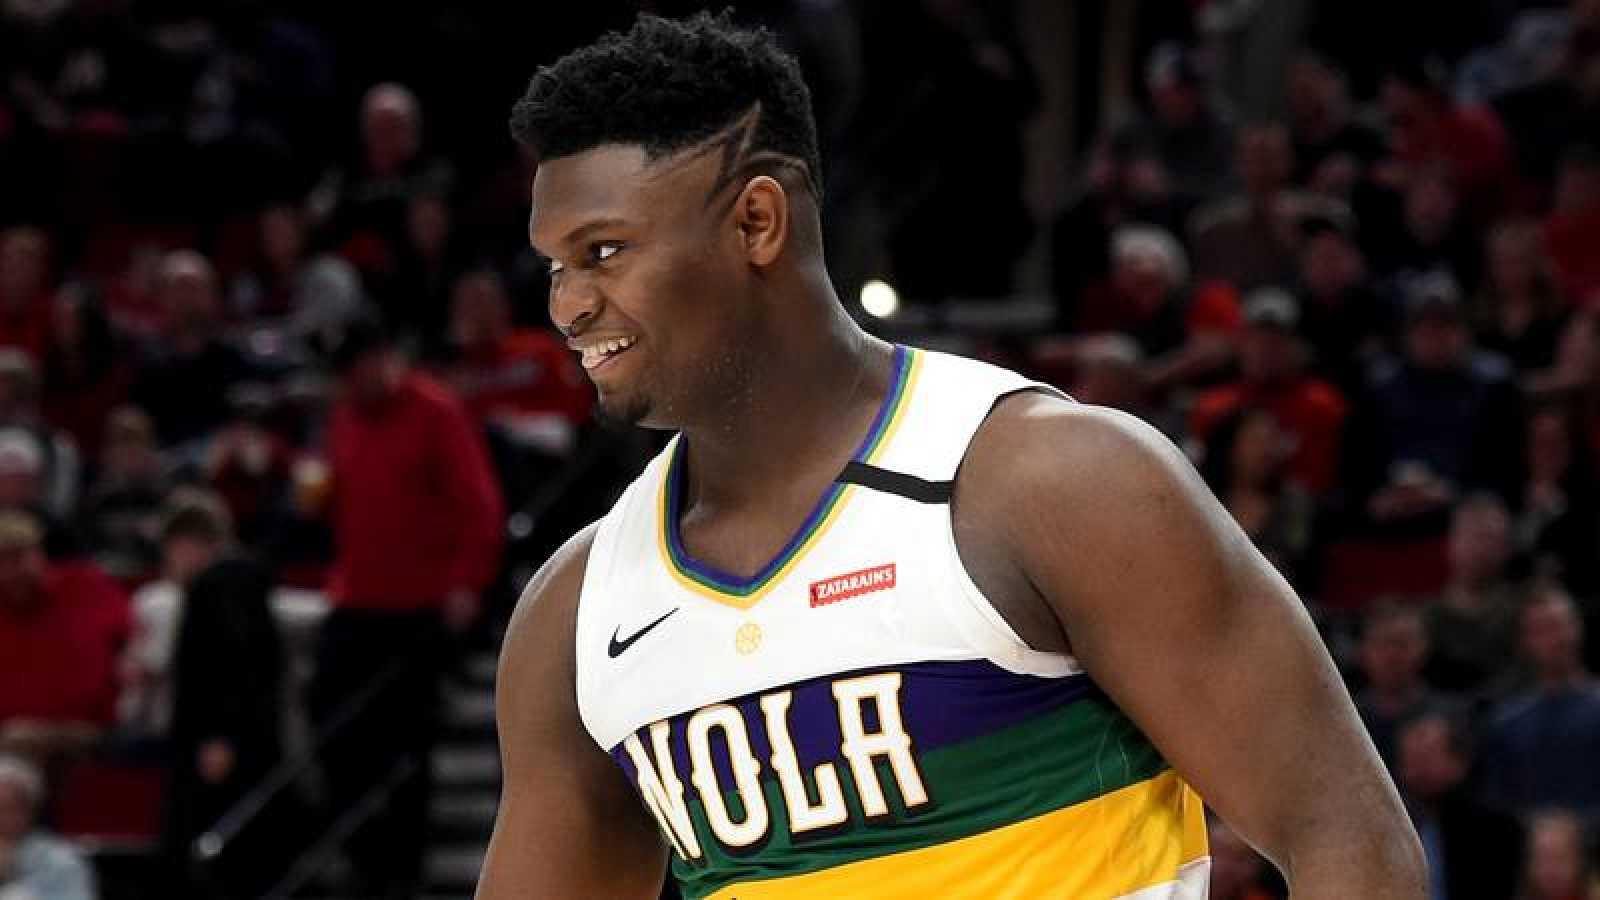 El jugador de los Pelicans sonríe durante su partido ante los Blazers.